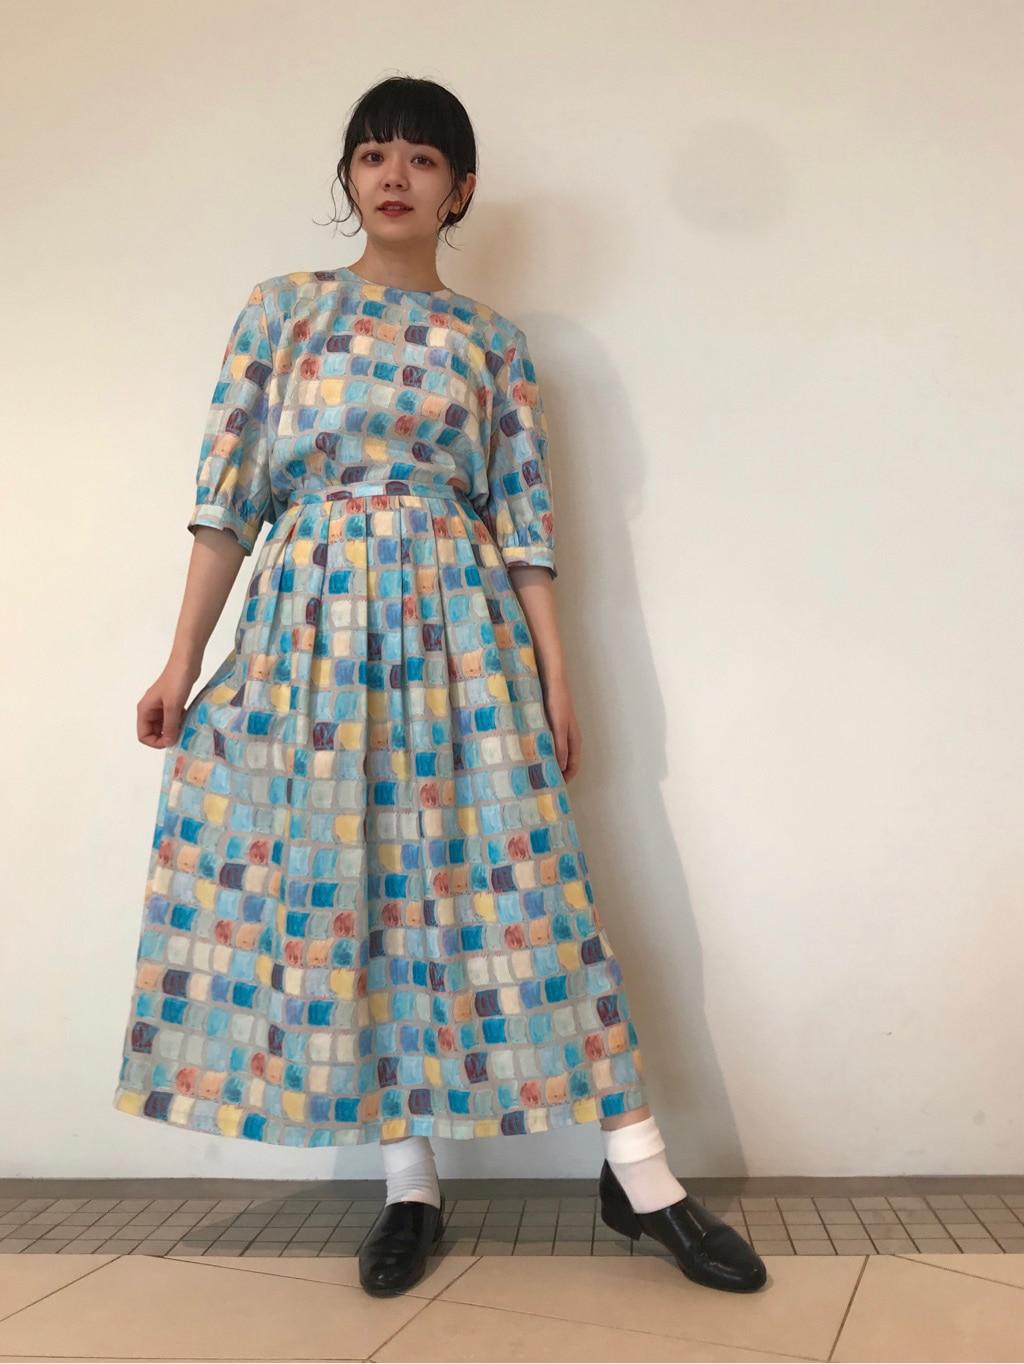 l'atelier du savon 東京スカイツリータウン・ソラマチ 身長:154cm 2020.06.15